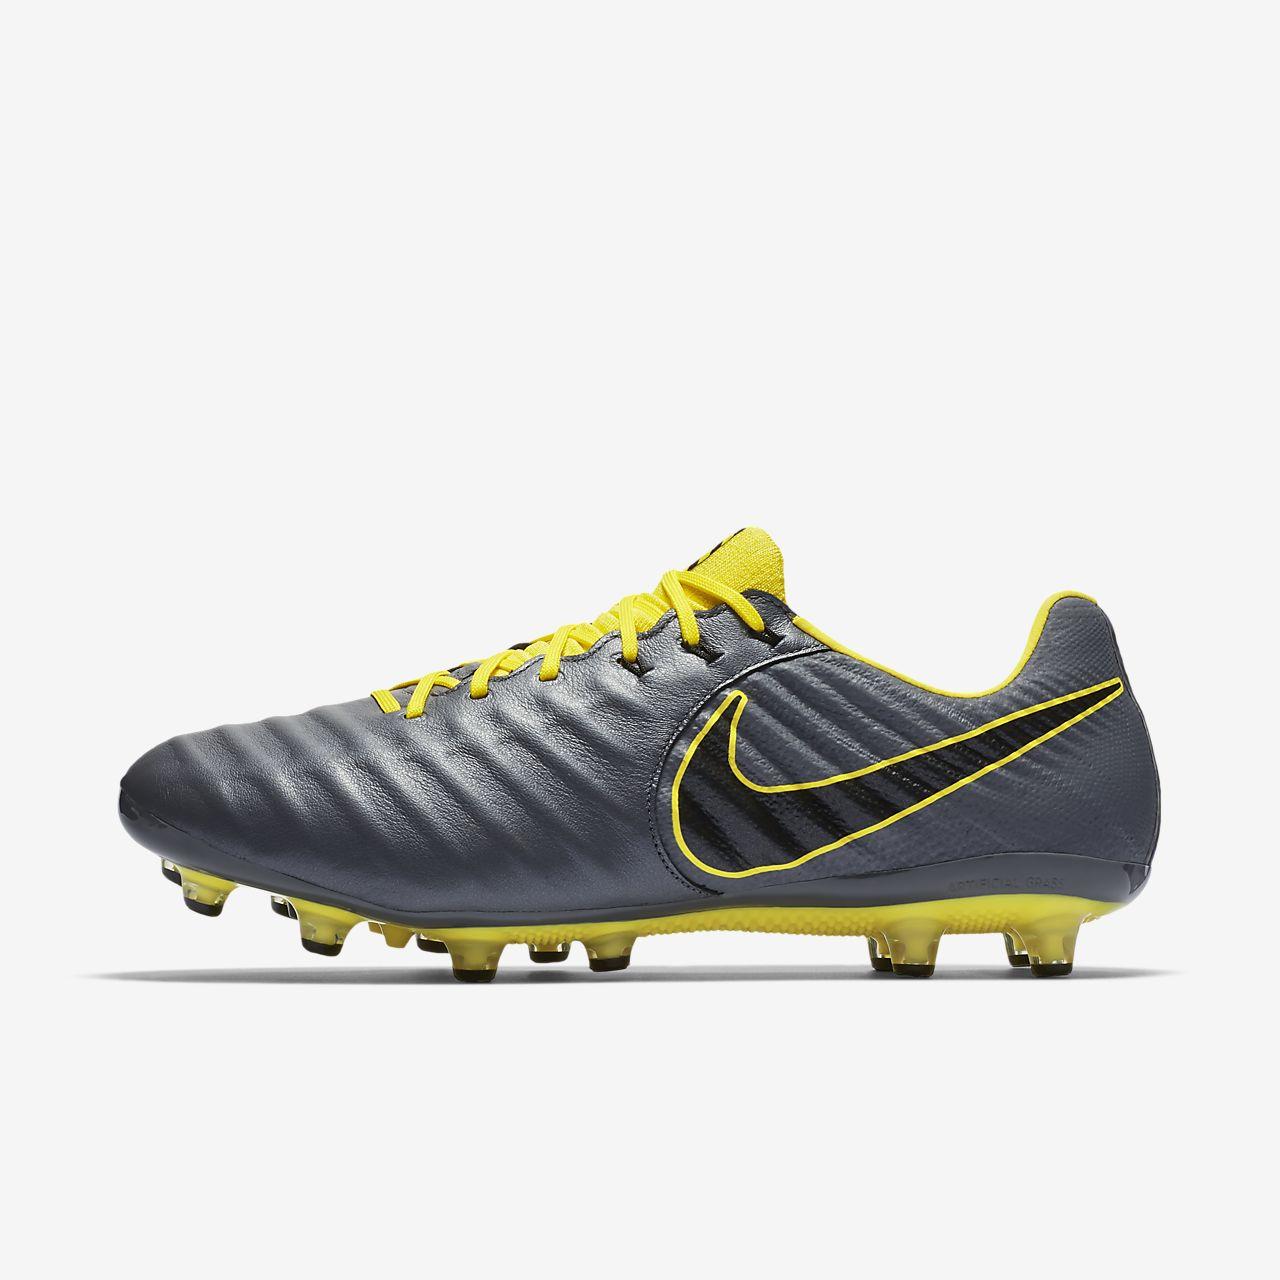 Calzado de fútbol para pasto artificial Nike Legend VII Elite AG-PRO ... c967a764b6381